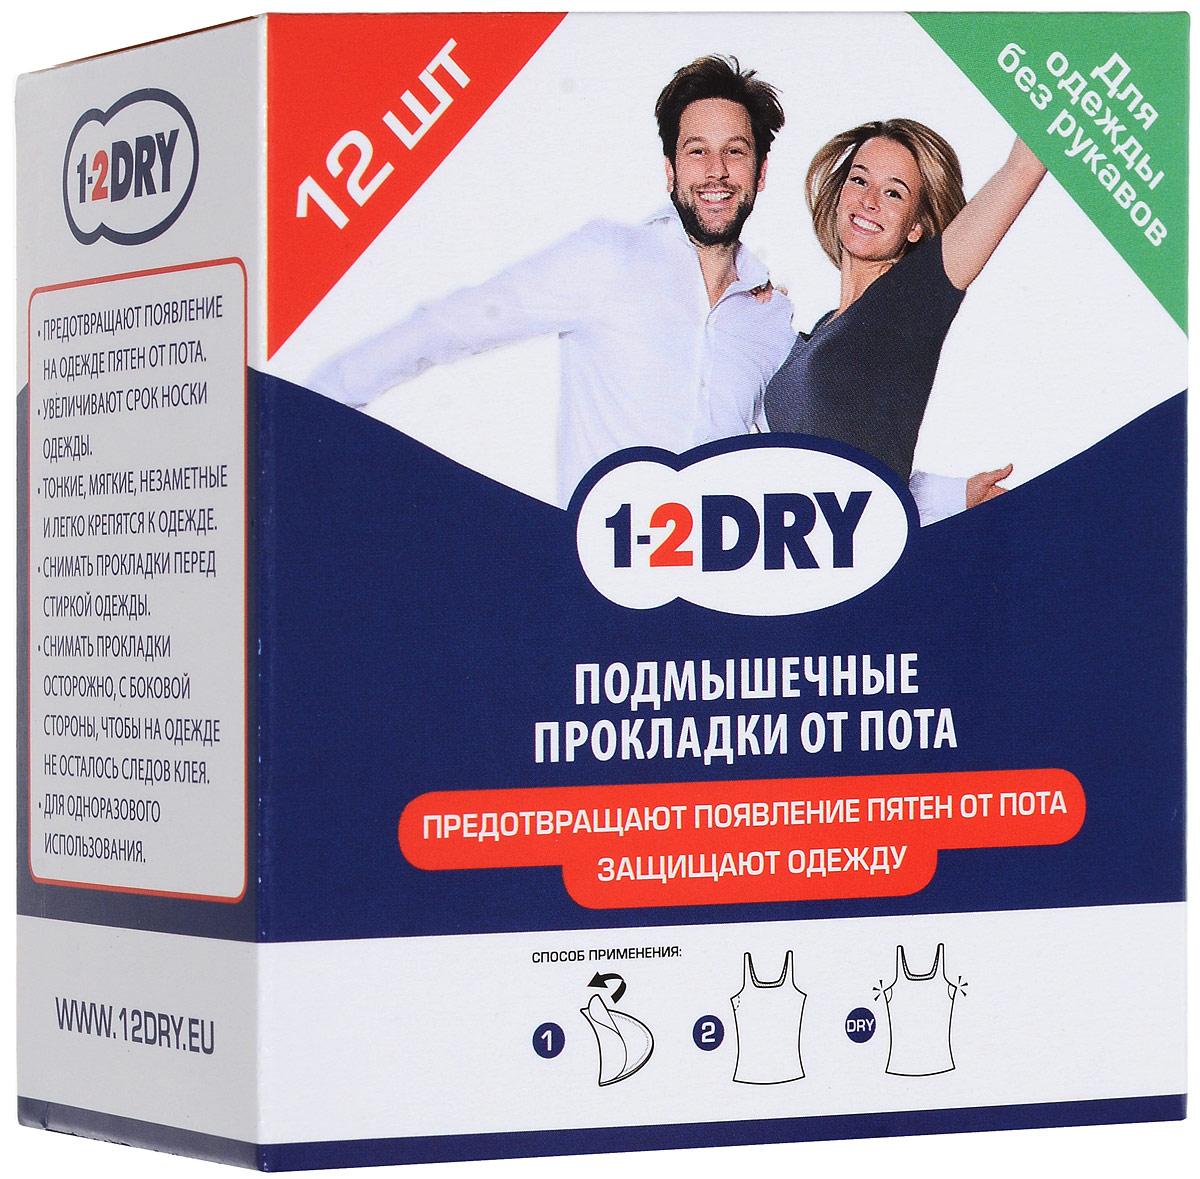 Прокладки для подмышек от пота 1-2 DRY №12 для одежды без рукавовУТ000001168Прокладки для подмышек от пота 1-2 DRY №12 для одежды без рукавов